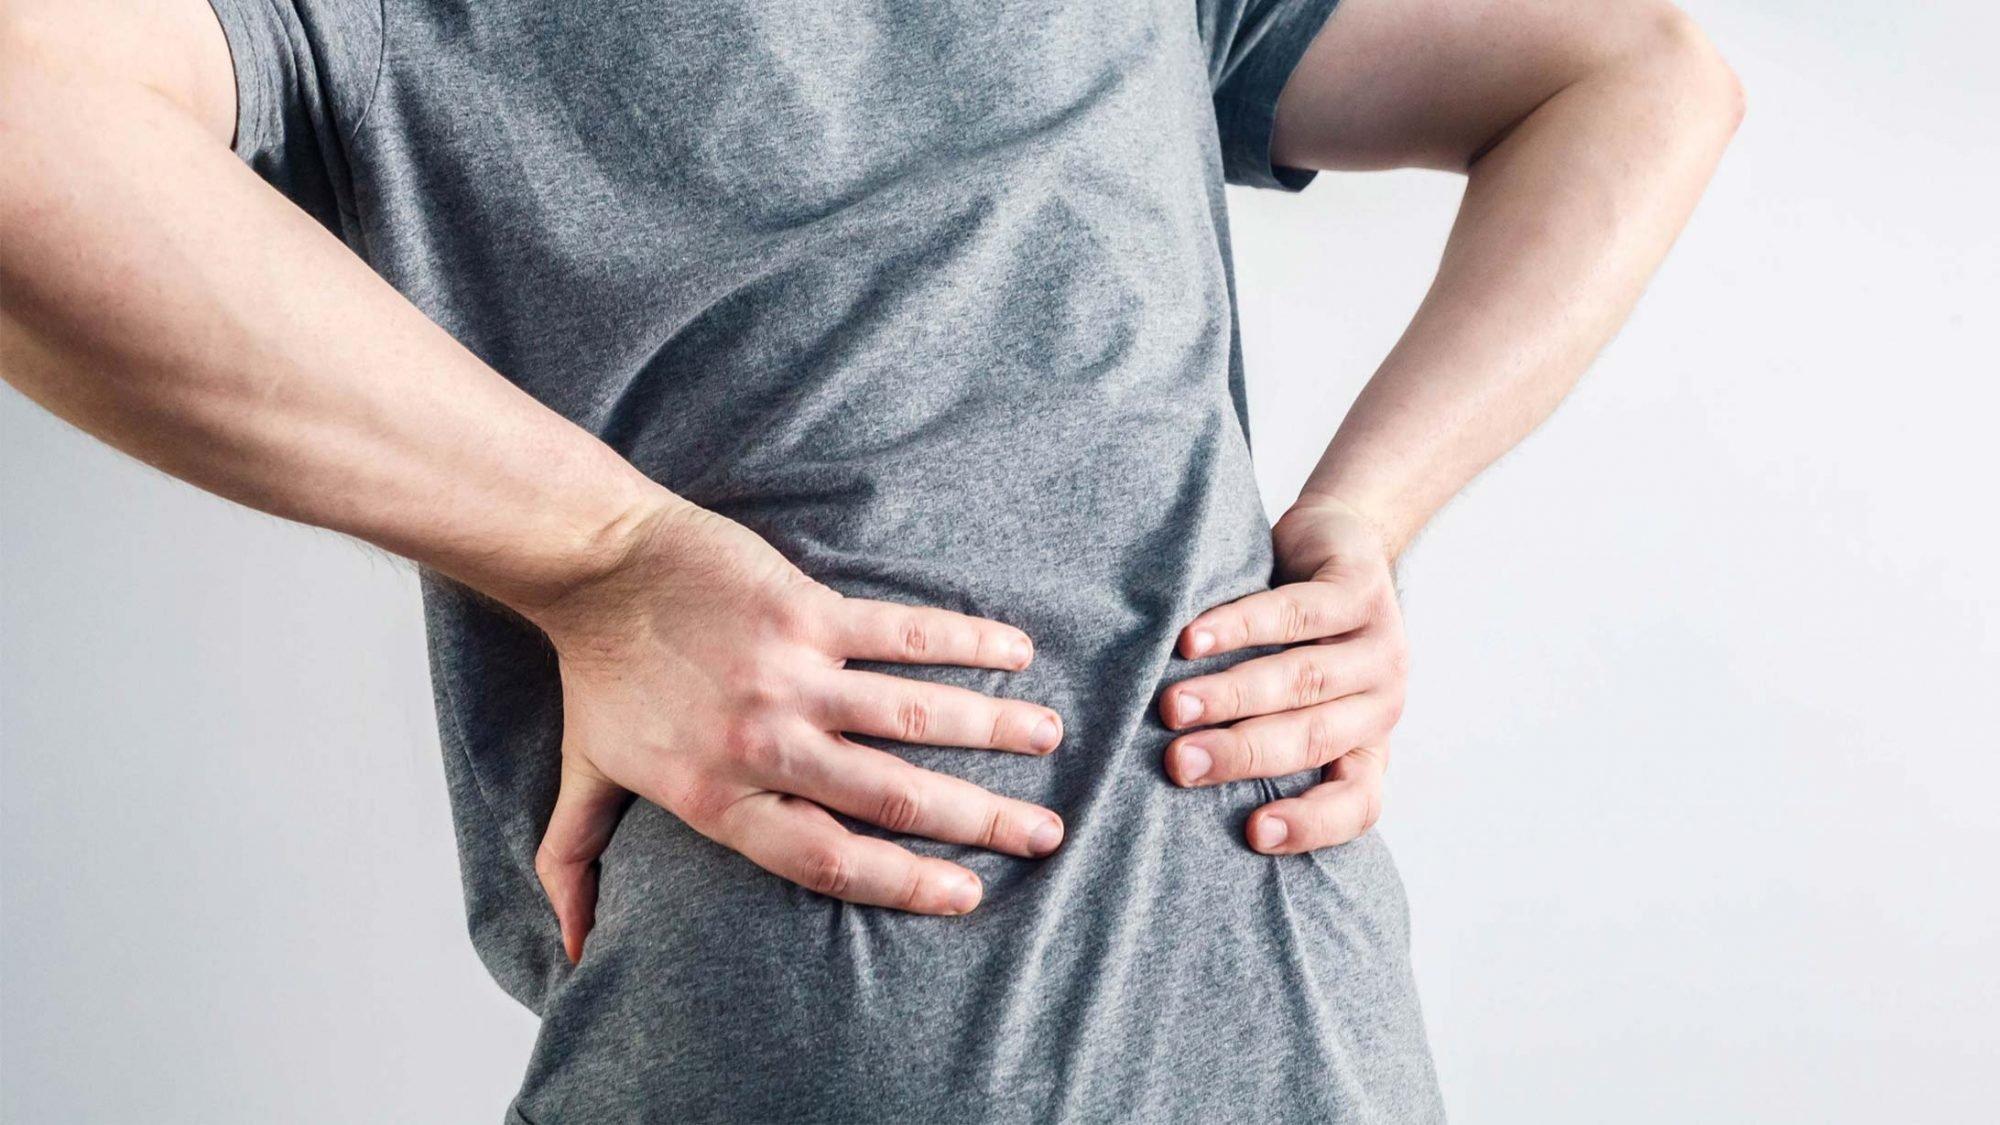 Mann krümmt sich vor Rückenschmerzen. Hier hilft nur Bewegung